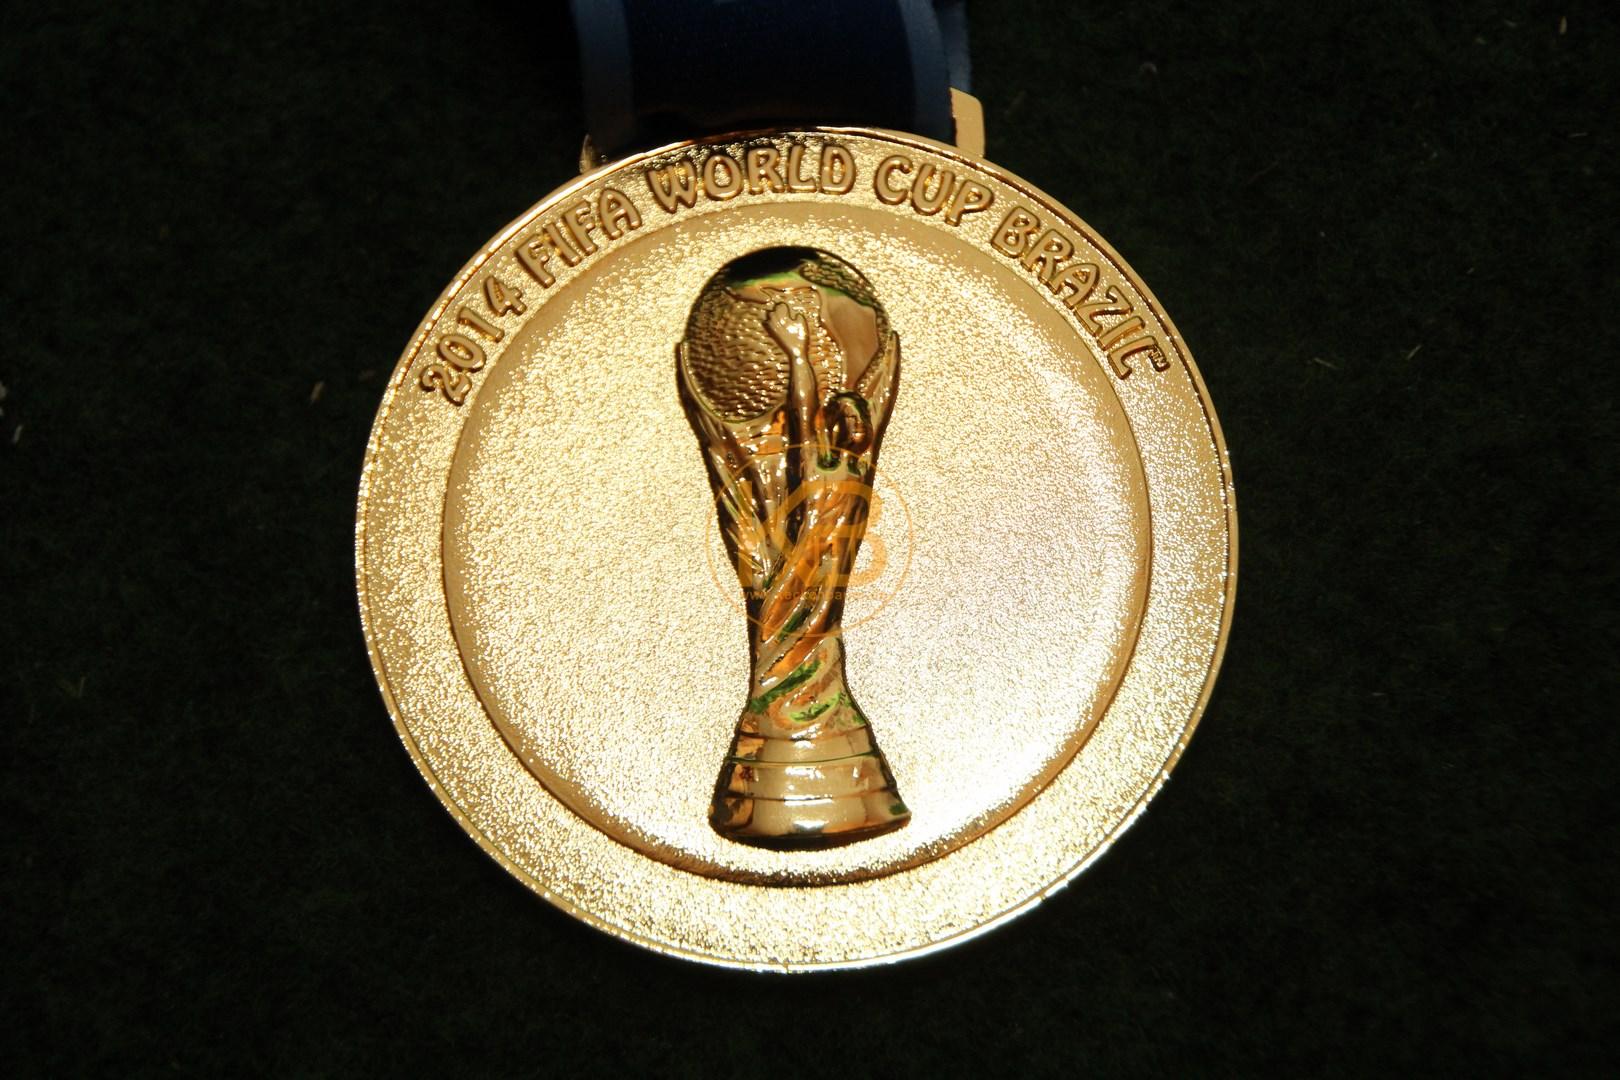 Gewinner Medaille von der Fussball Weltmeisterschaft 2014 in Brasilien. 2/3